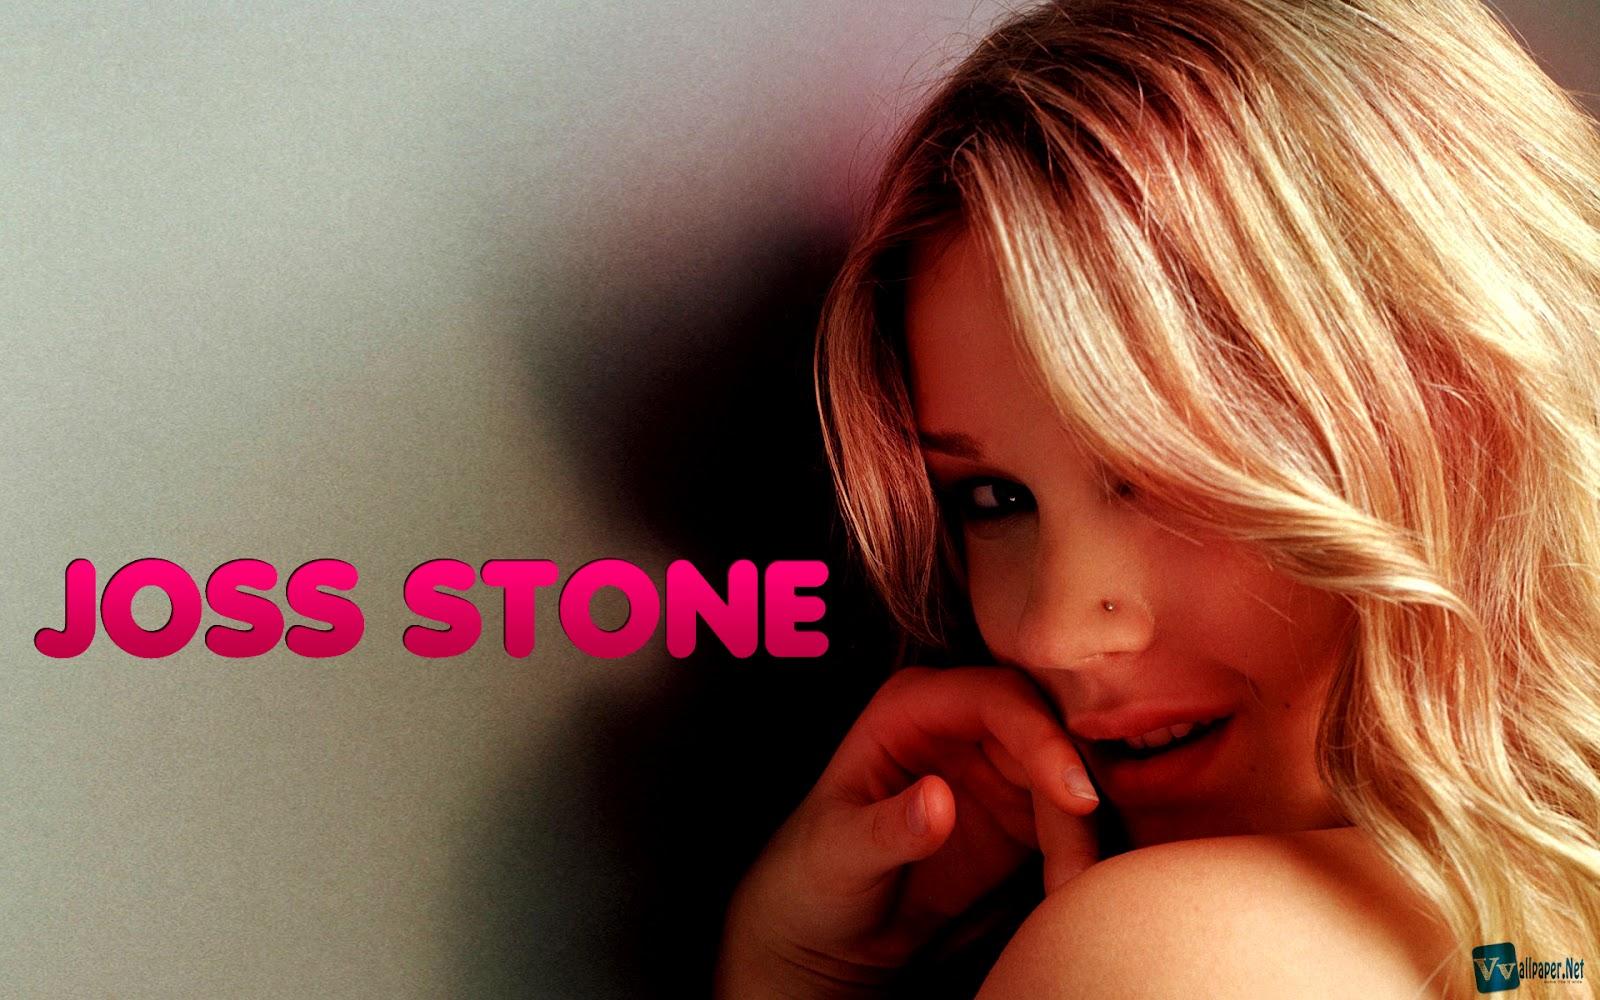 http://2.bp.blogspot.com/-GB65LW50zWg/UBQPbXiAZMI/AAAAAAAADGw/Quz1X4VNHVU/s1600/Blonde_Singer_Joss_Stone_HD_Music_Wallpaper-by-Vvallpaper.net.jpg